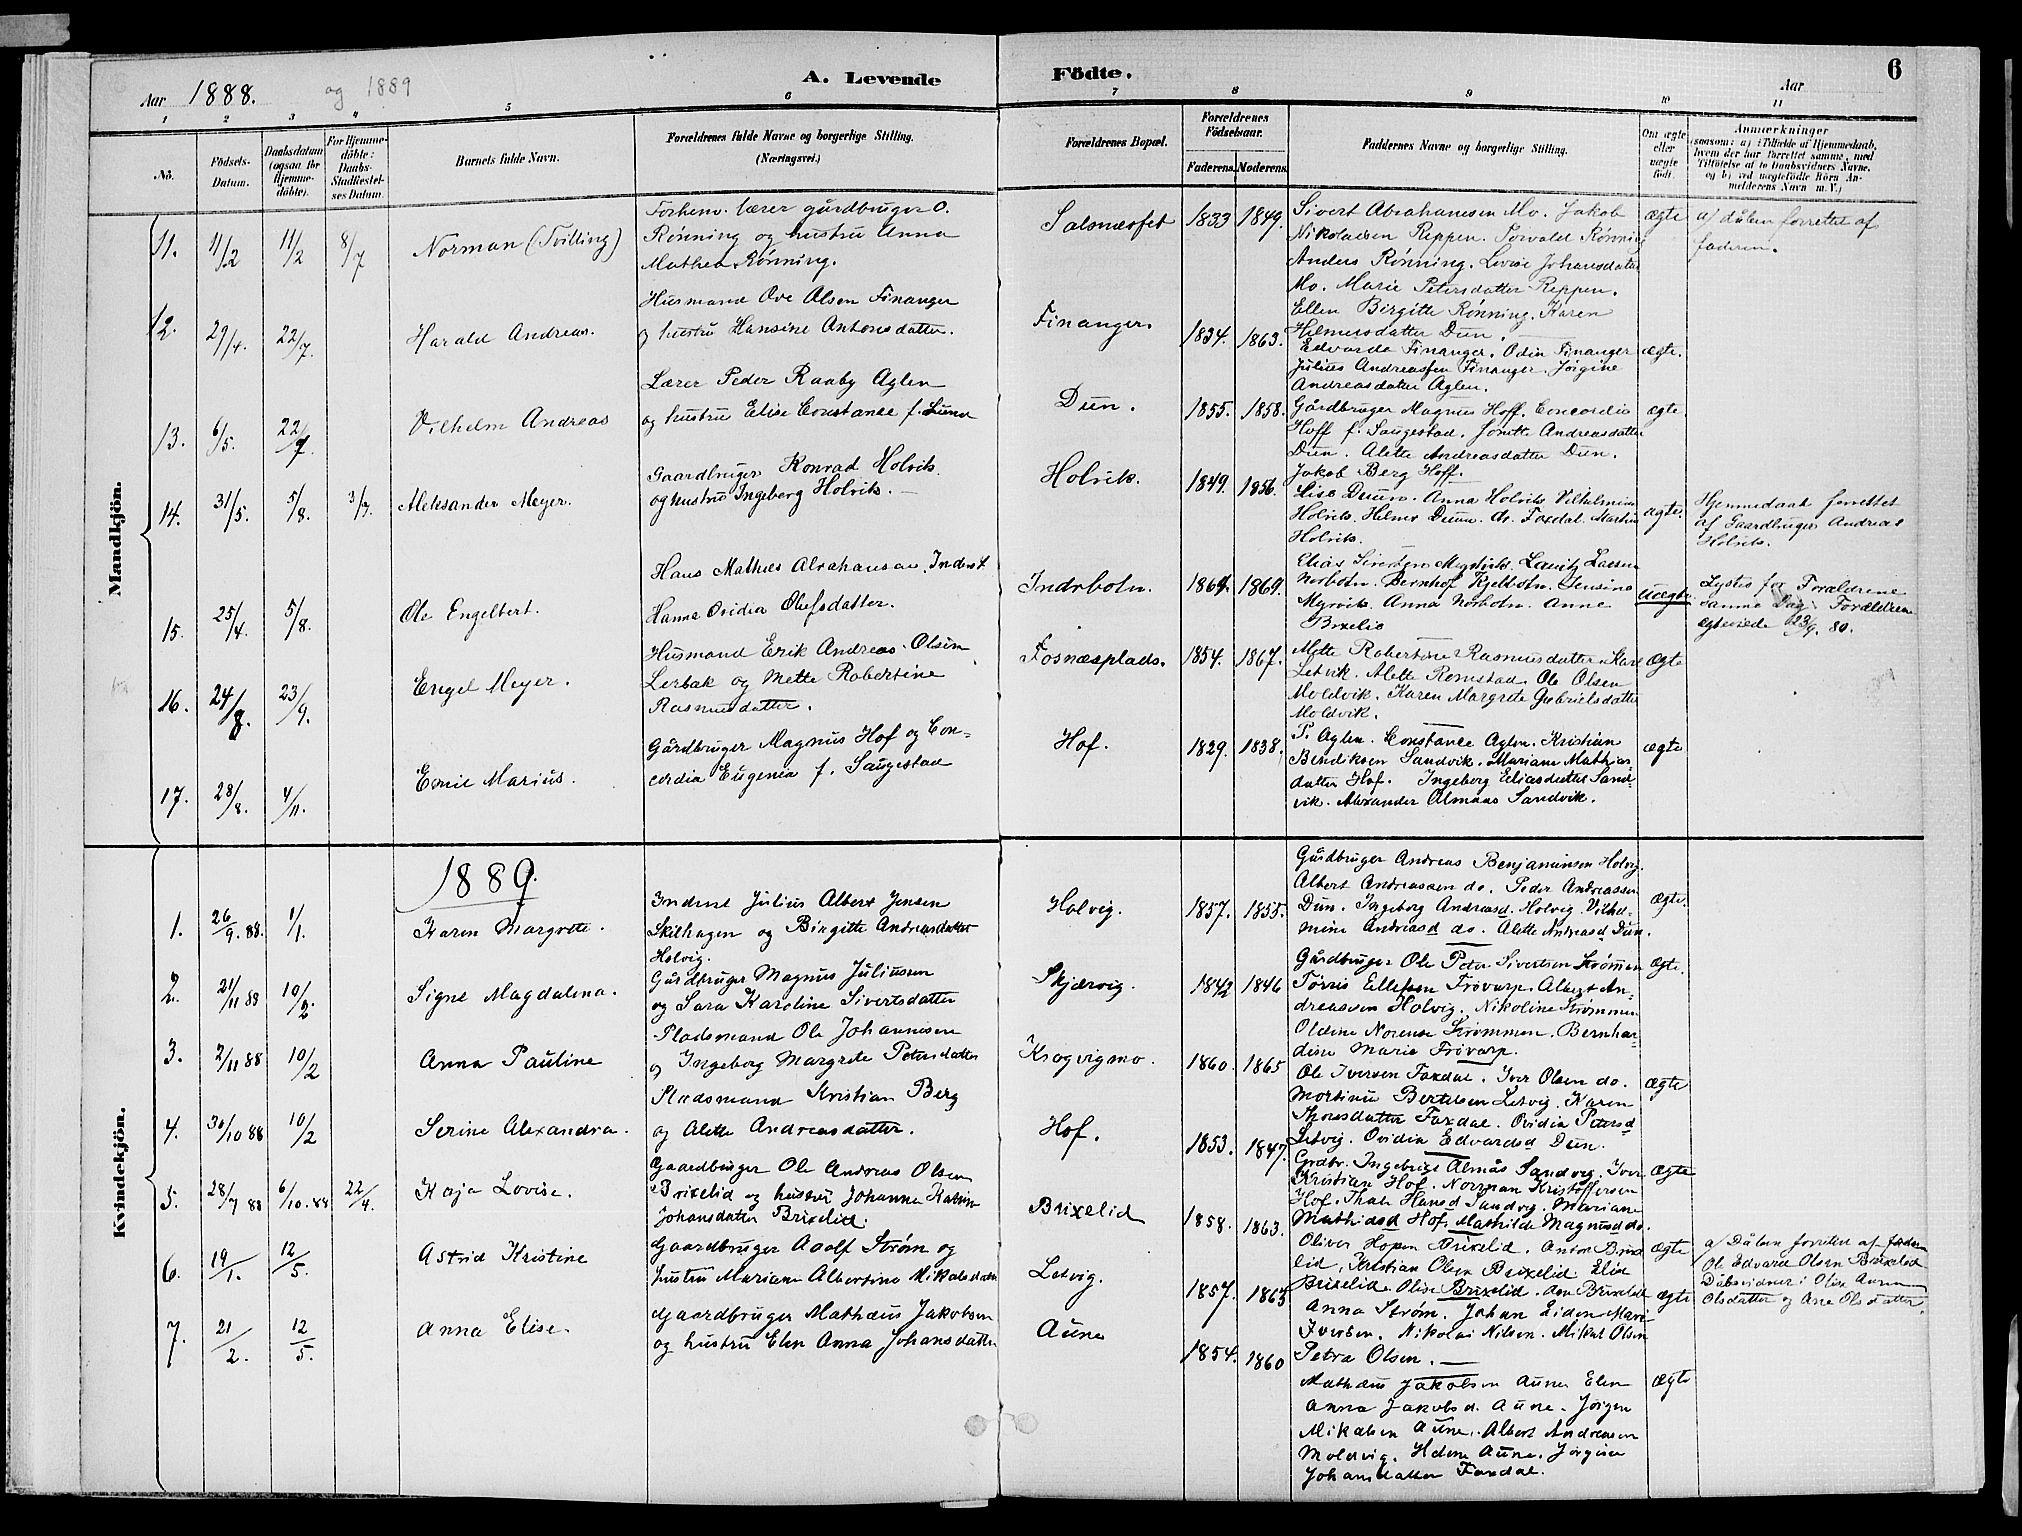 SAT, Ministerialprotokoller, klokkerbøker og fødselsregistre - Nord-Trøndelag, 773/L0617: Ministerialbok nr. 773A08, 1887-1910, s. 6